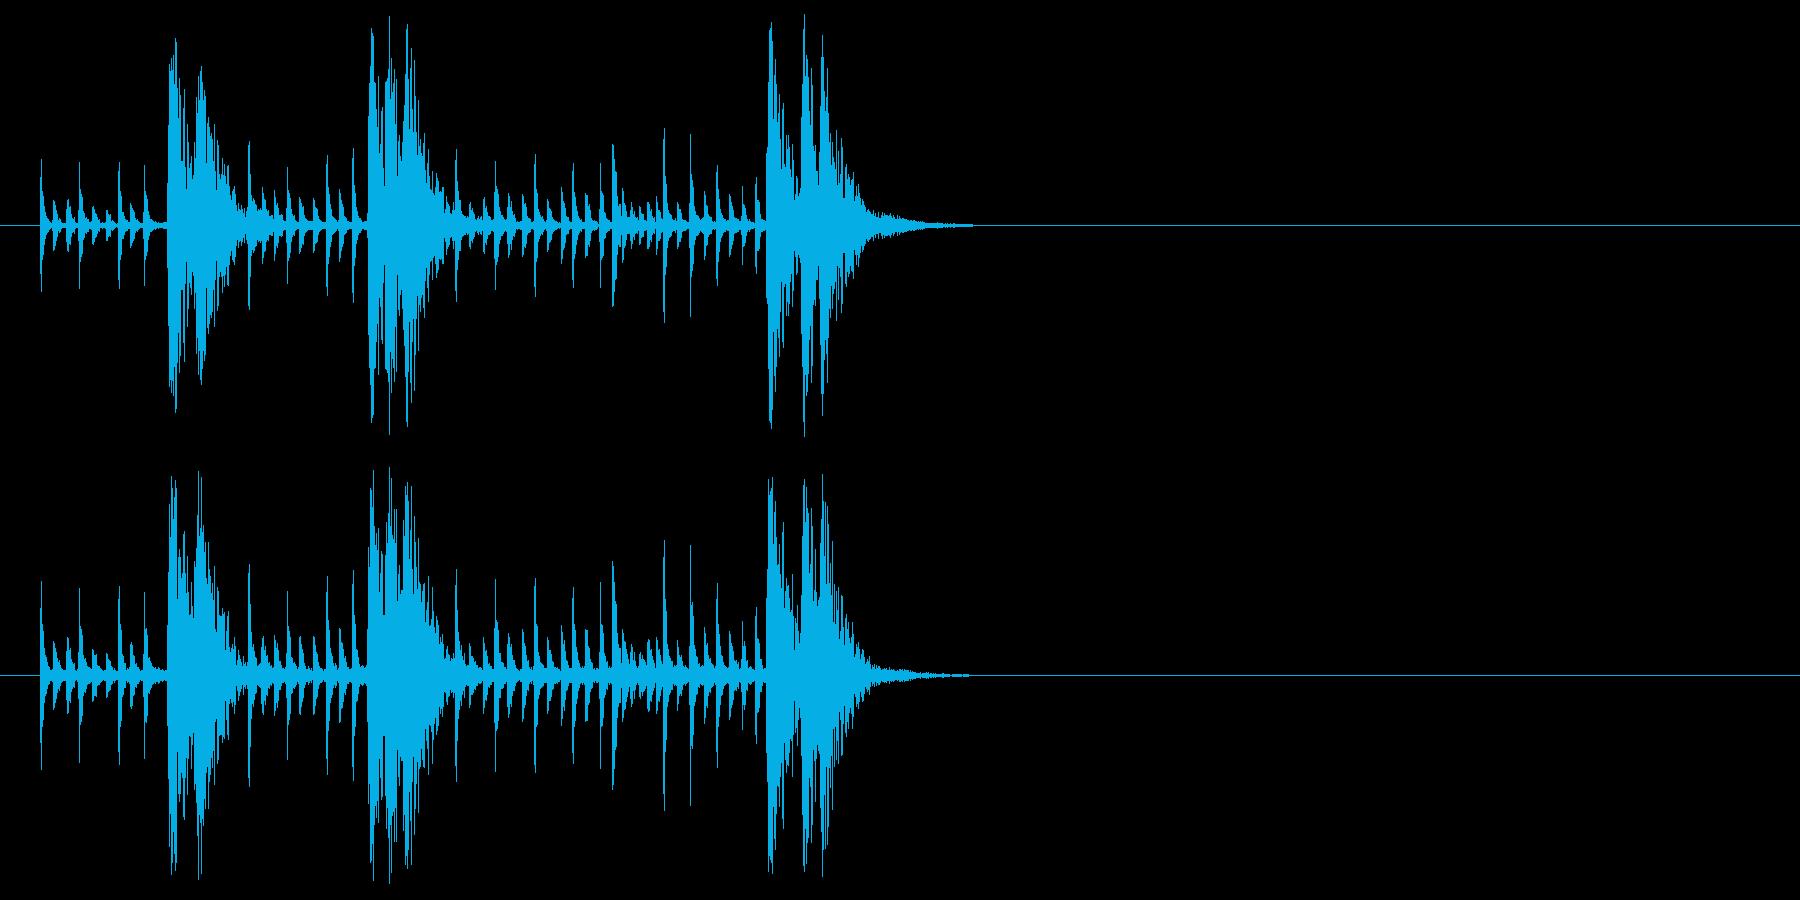 アンサンブル及びラテン系ジングルの再生済みの波形